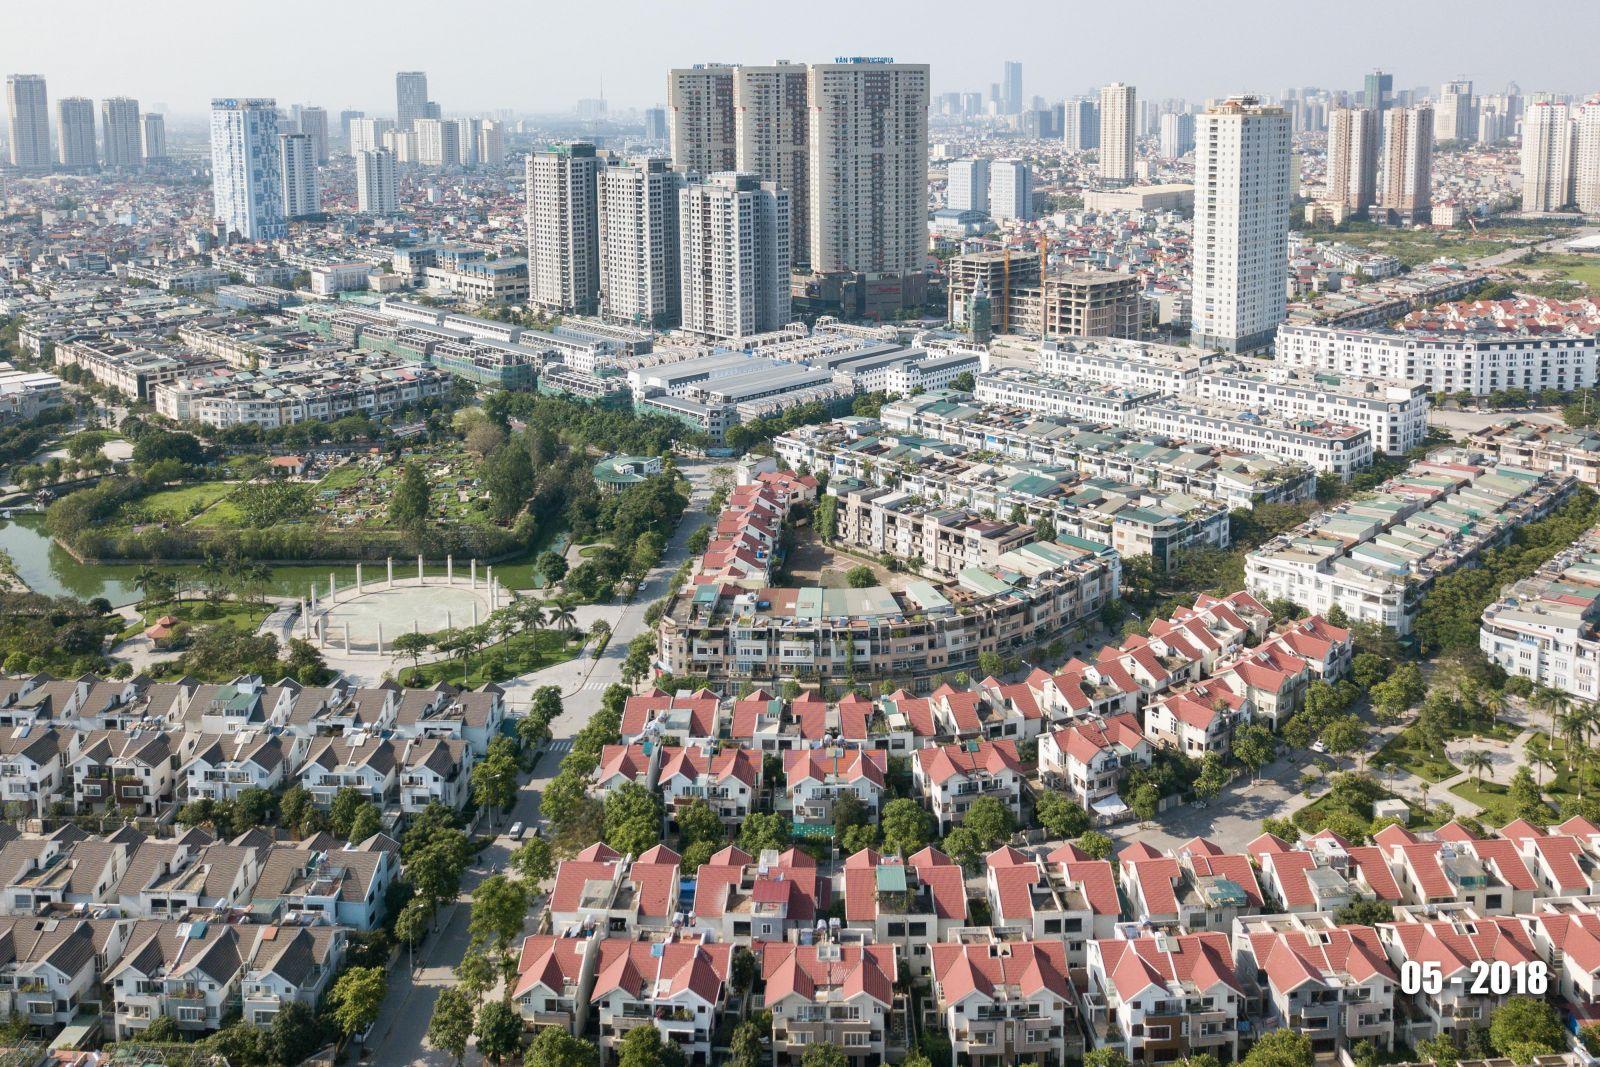 Quy hoạch đô thị địa phương: Động lực tạo ra chuyển biến kinh tế